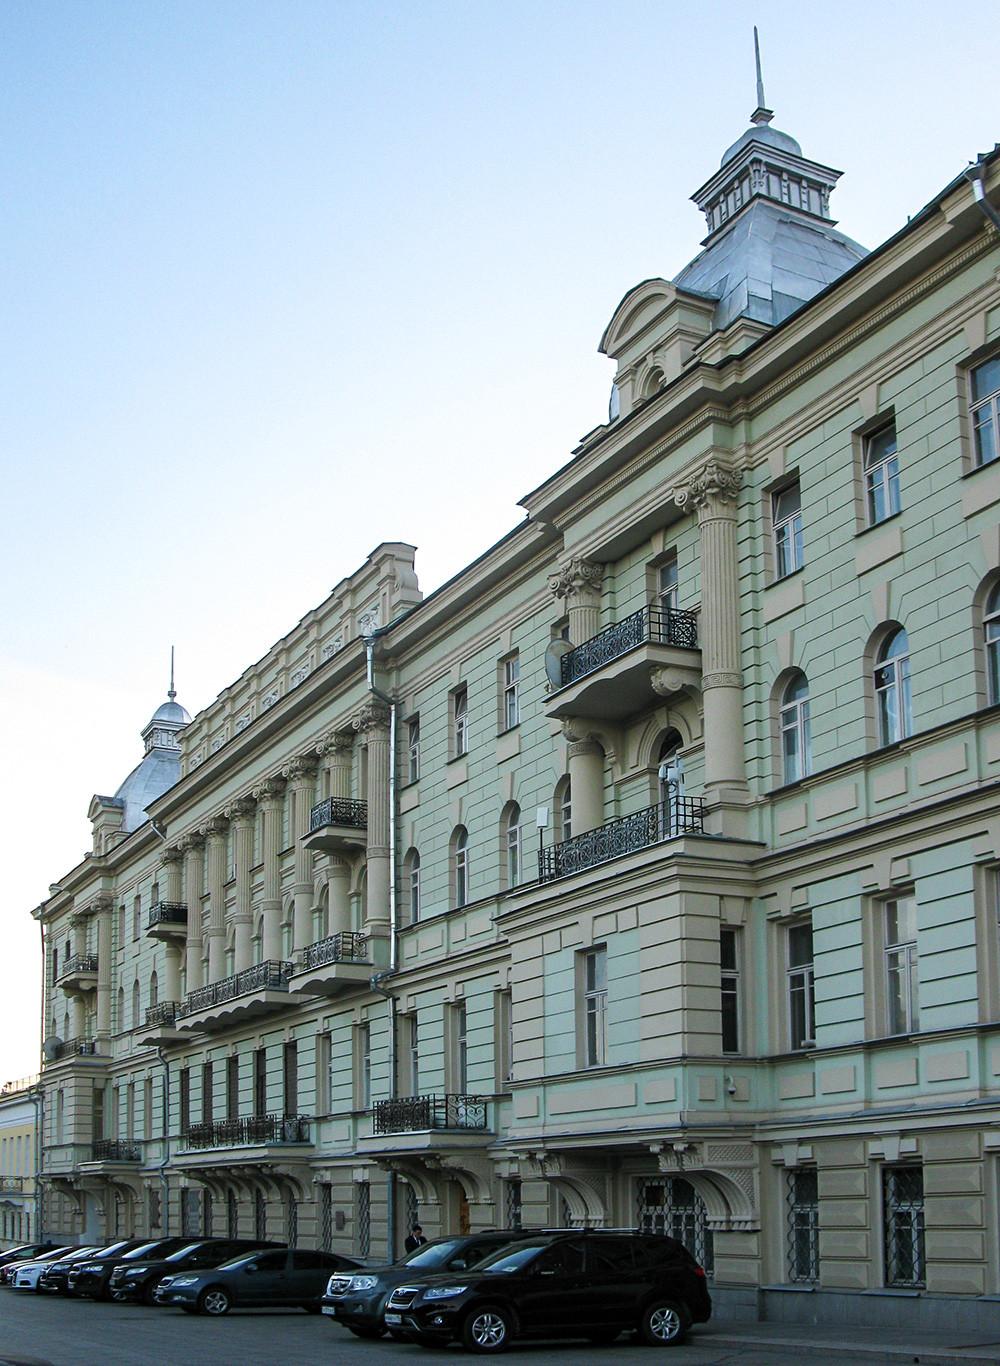 La casa in via Manezhnaya 9, vicino alle mura del Cremlino, dove Anna Uljanova visse fino al giorno della sua morte, nel 1935